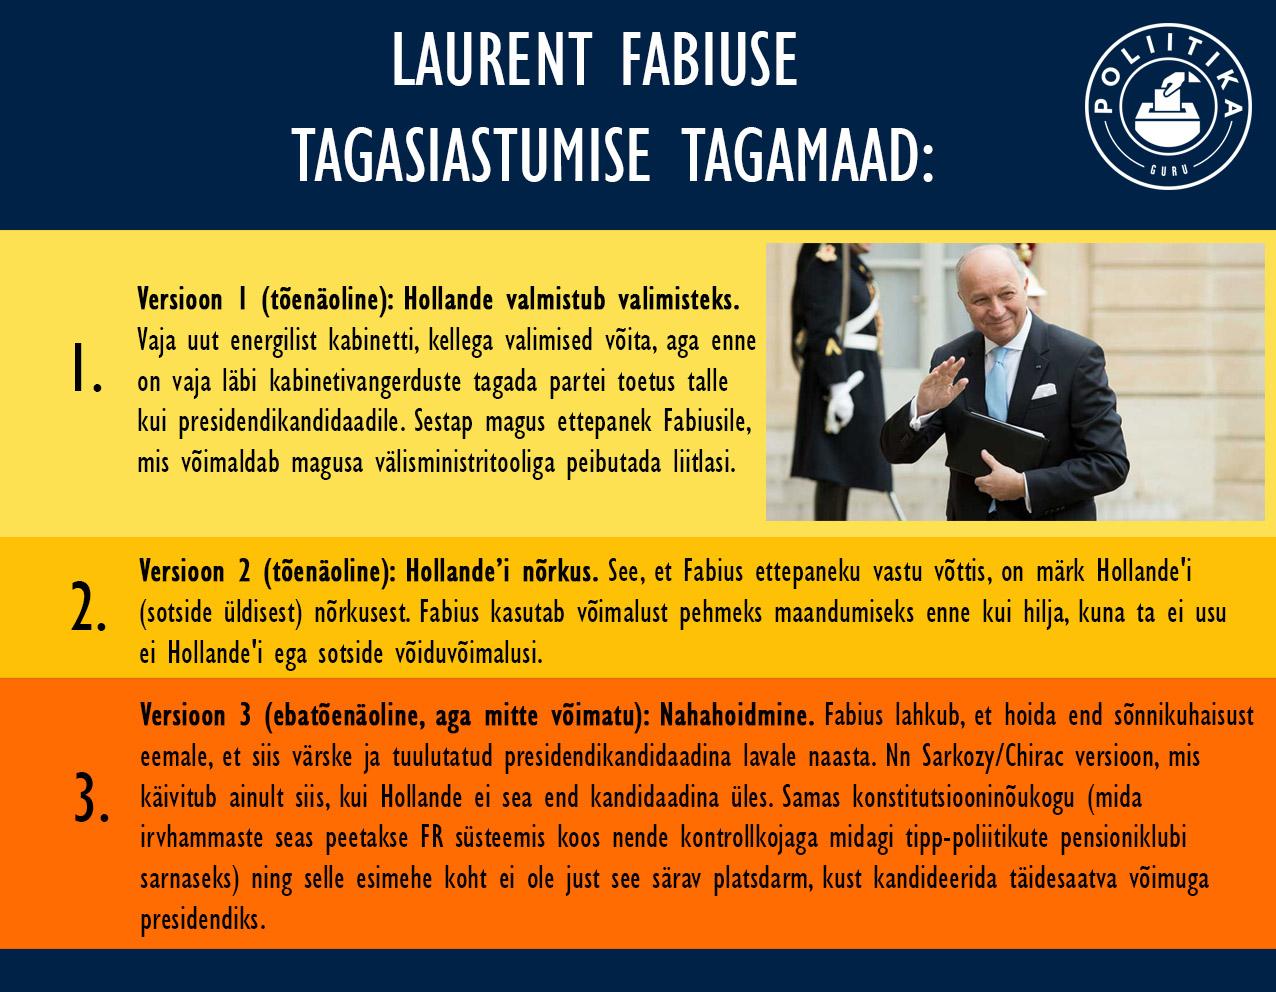 Prantsuse välisministri Fabiuse tagasiastumine